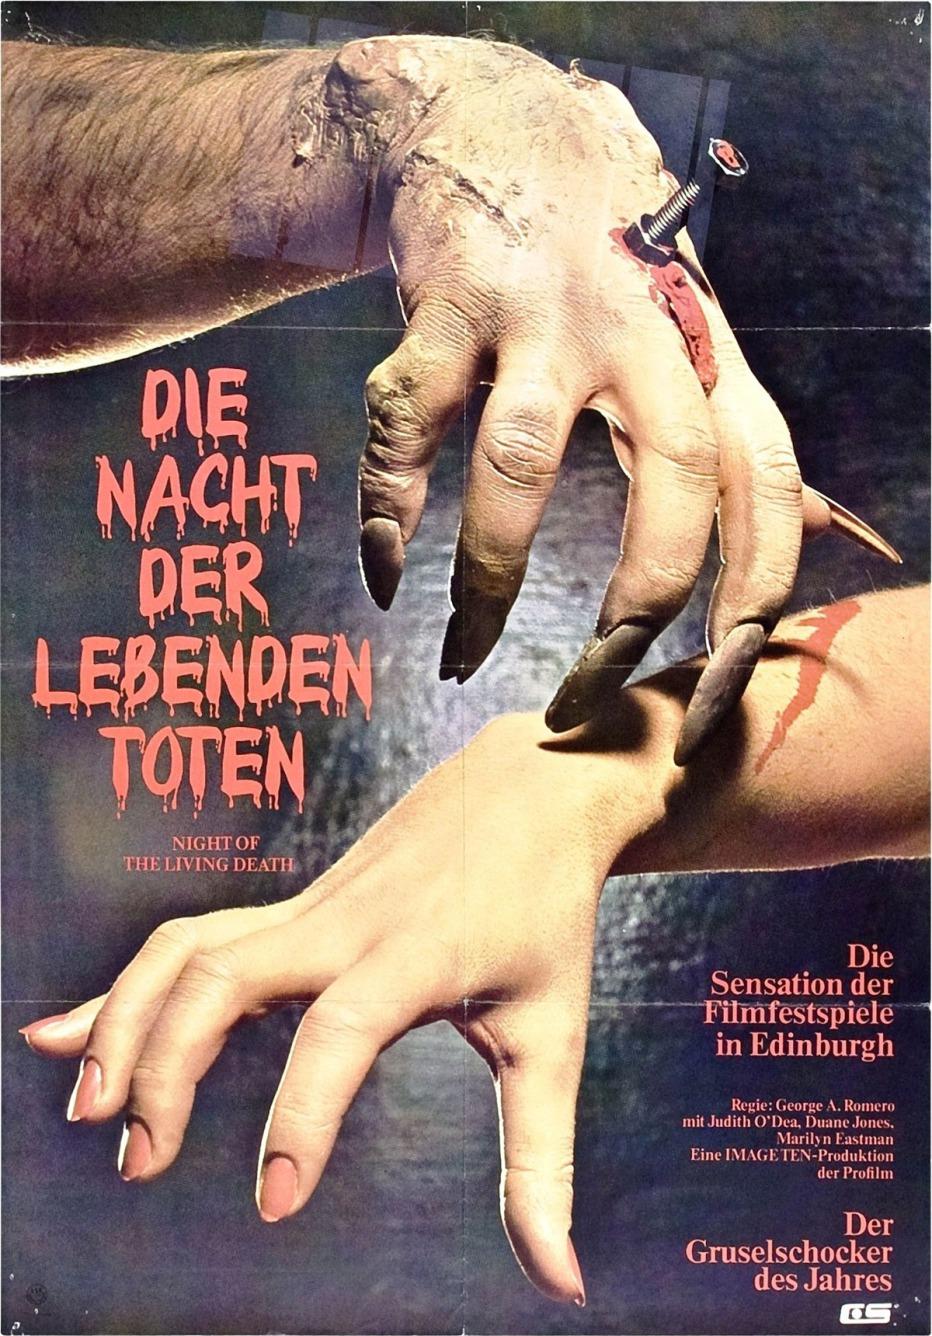 la-notte-dei-morti-viventi-night-of-living-dead-1968-george-a-romero-34.jpg